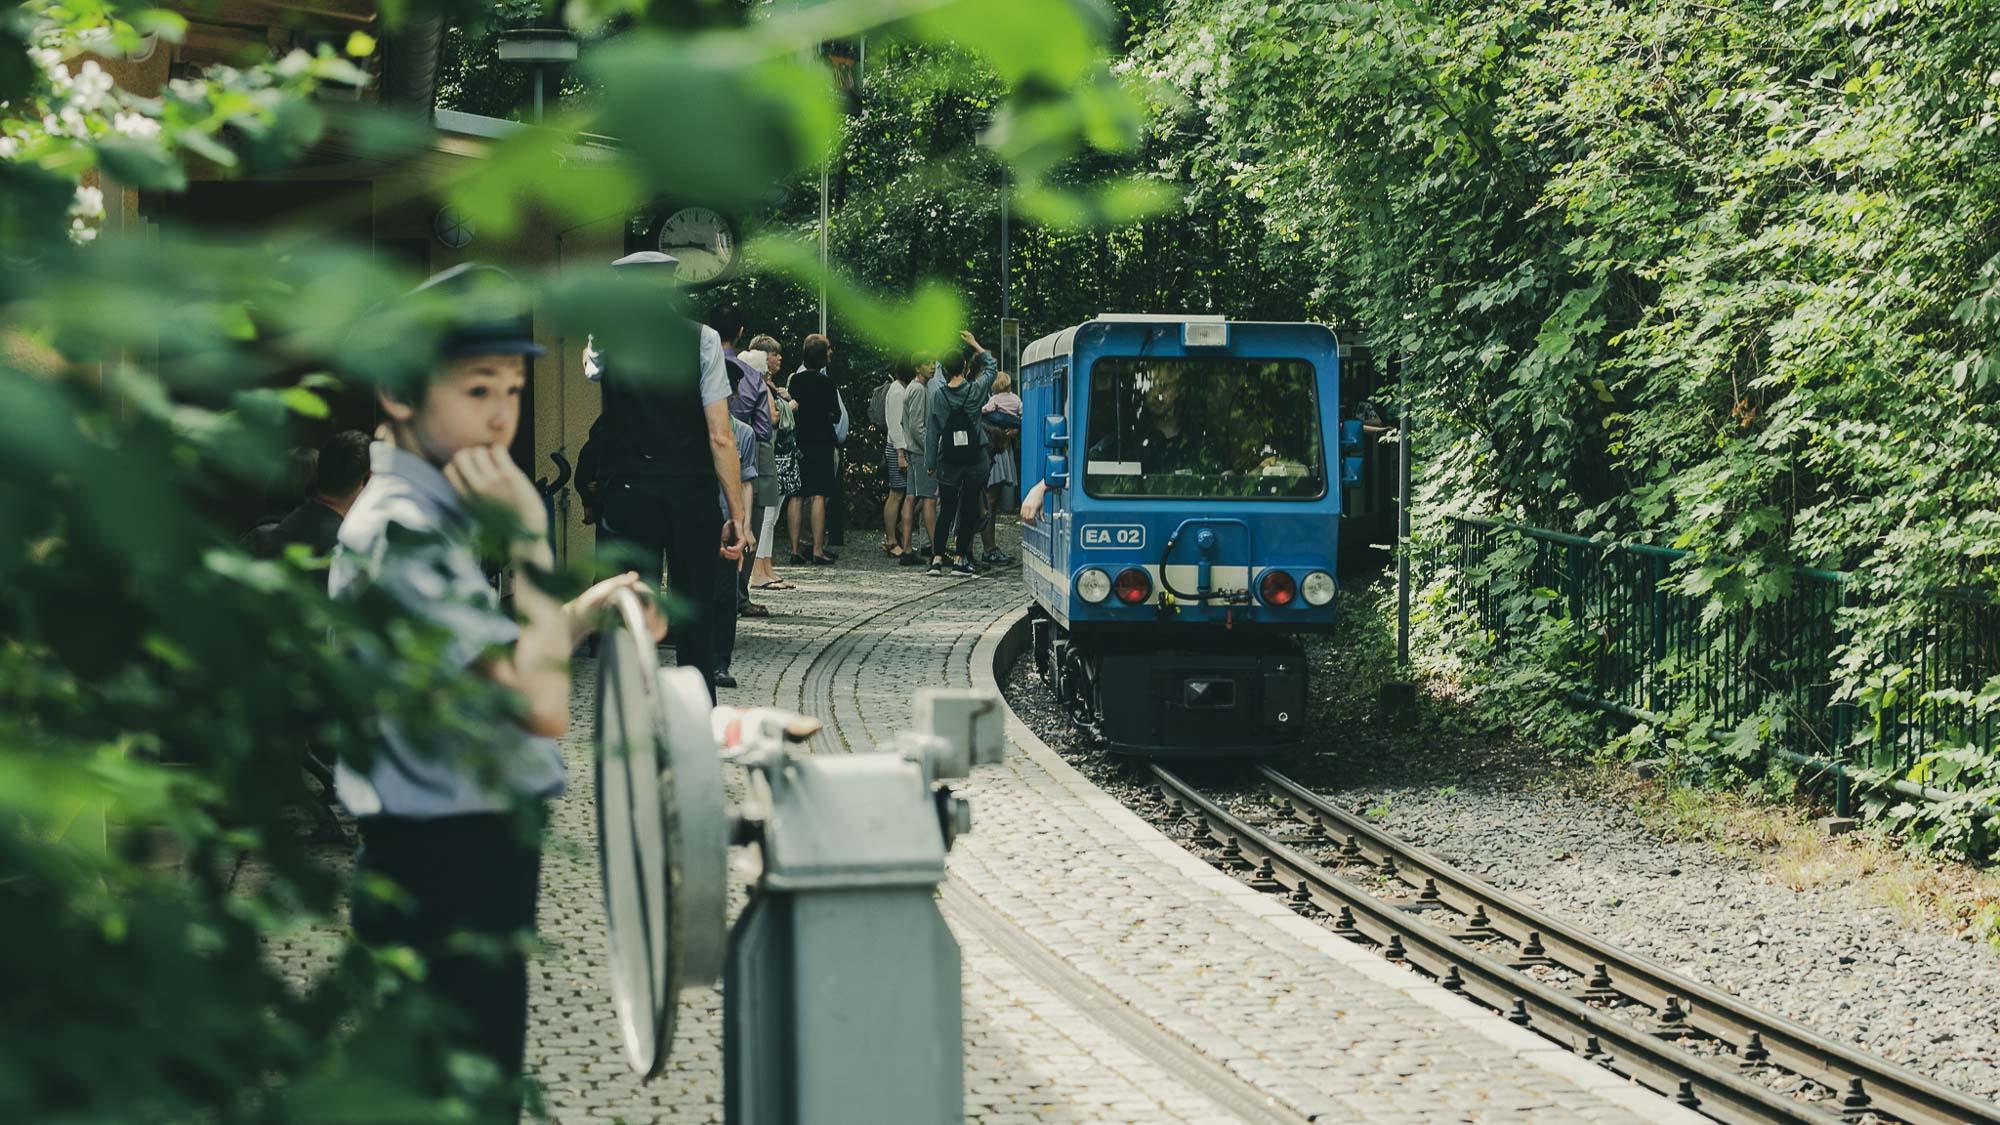 venolab / Vorsicht bei der Einfahrt des Zuges